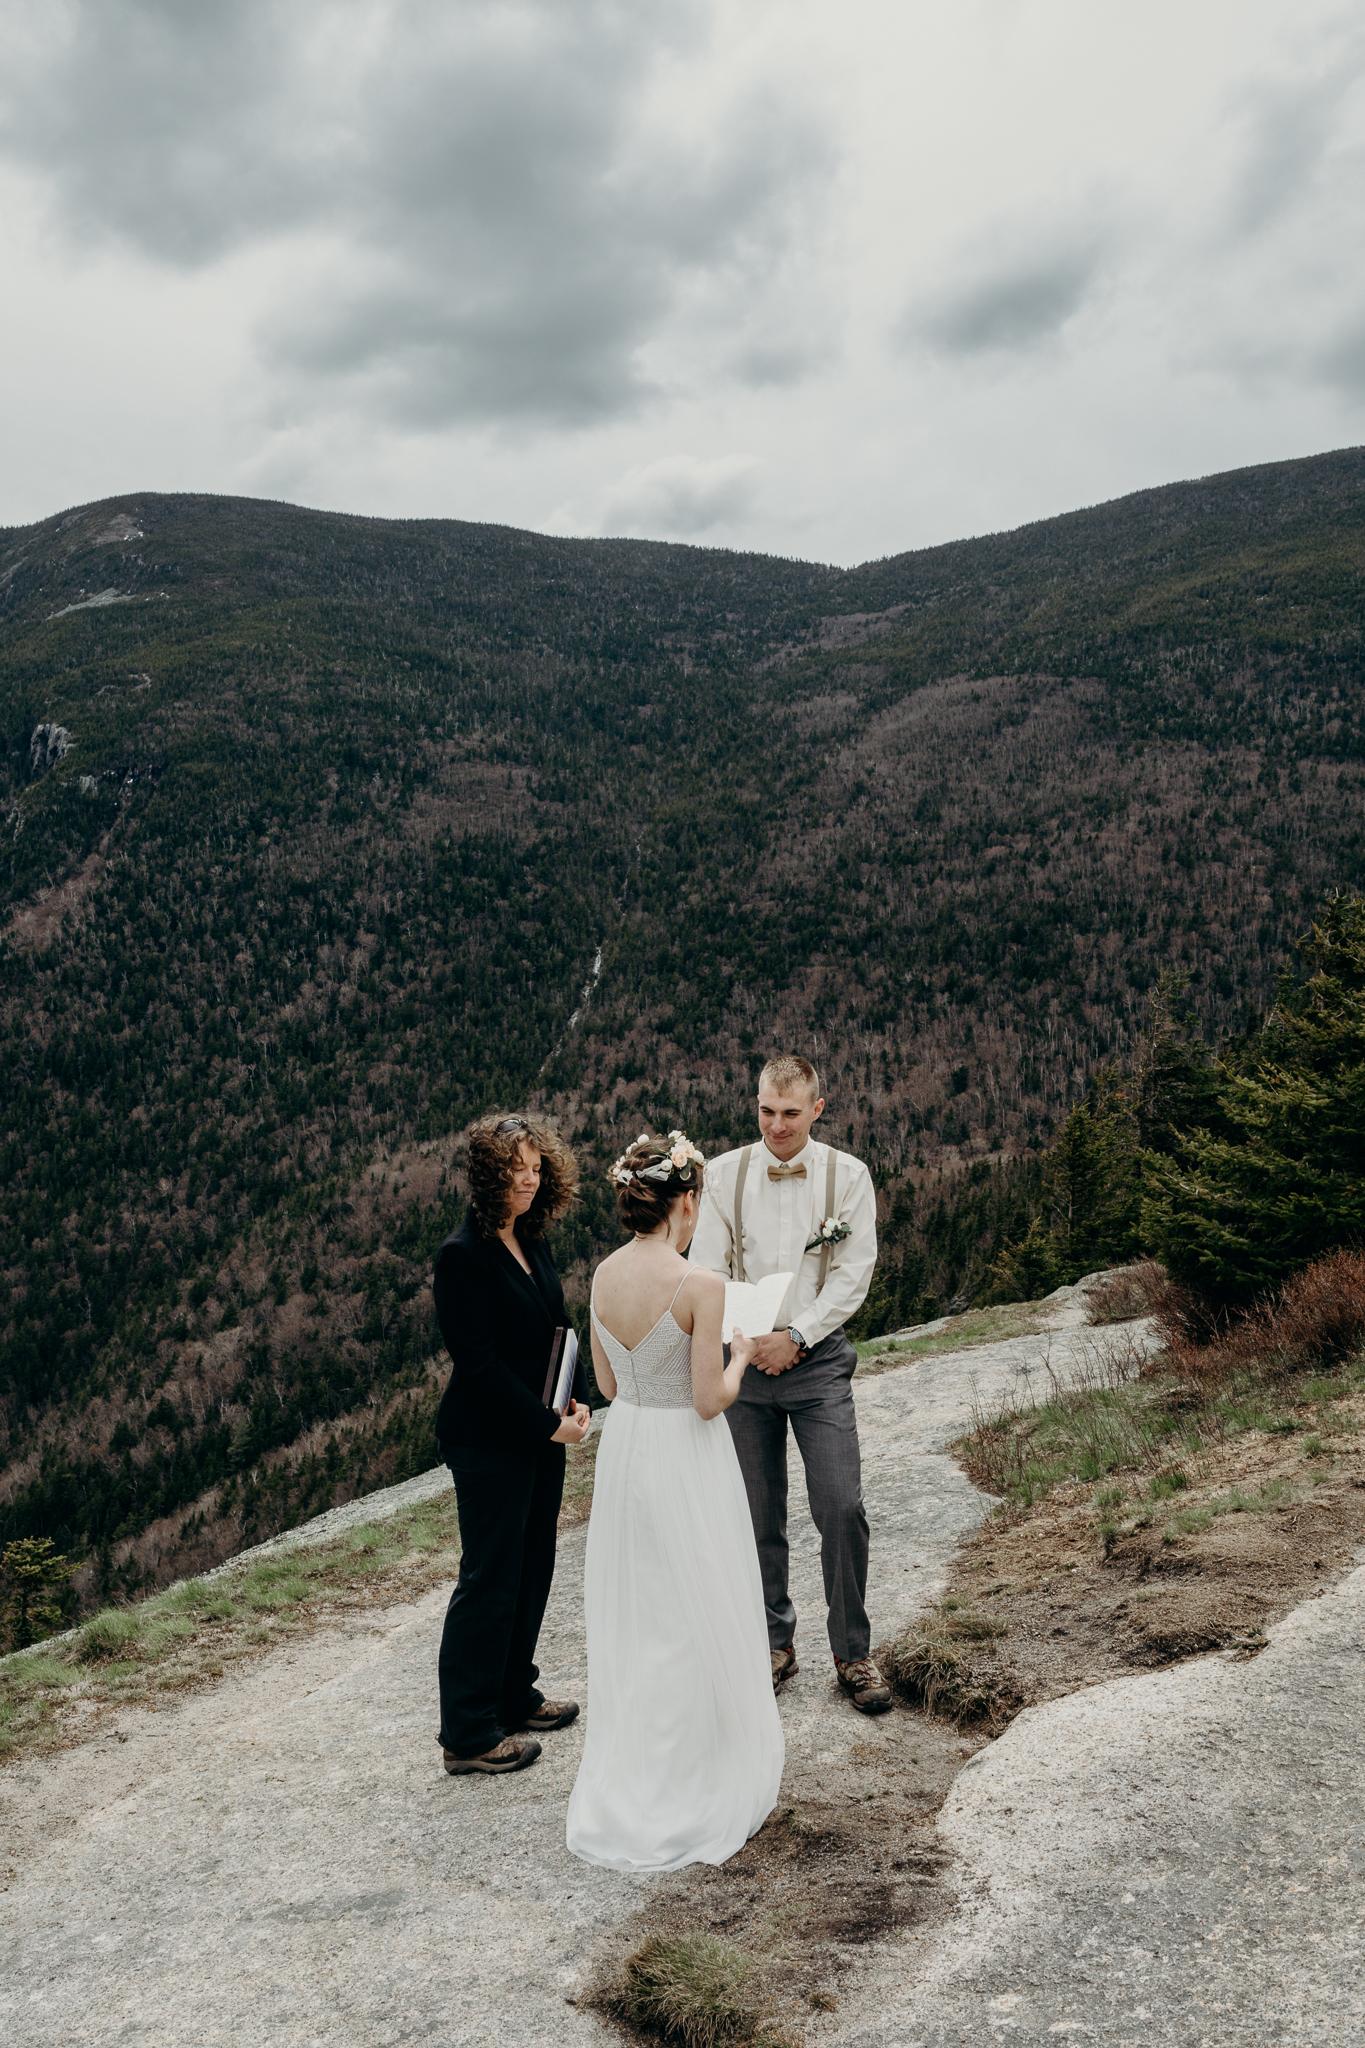 LarueElopementerinwheatco-3756 Mount Willard Elopement | Calib & Scotlyn